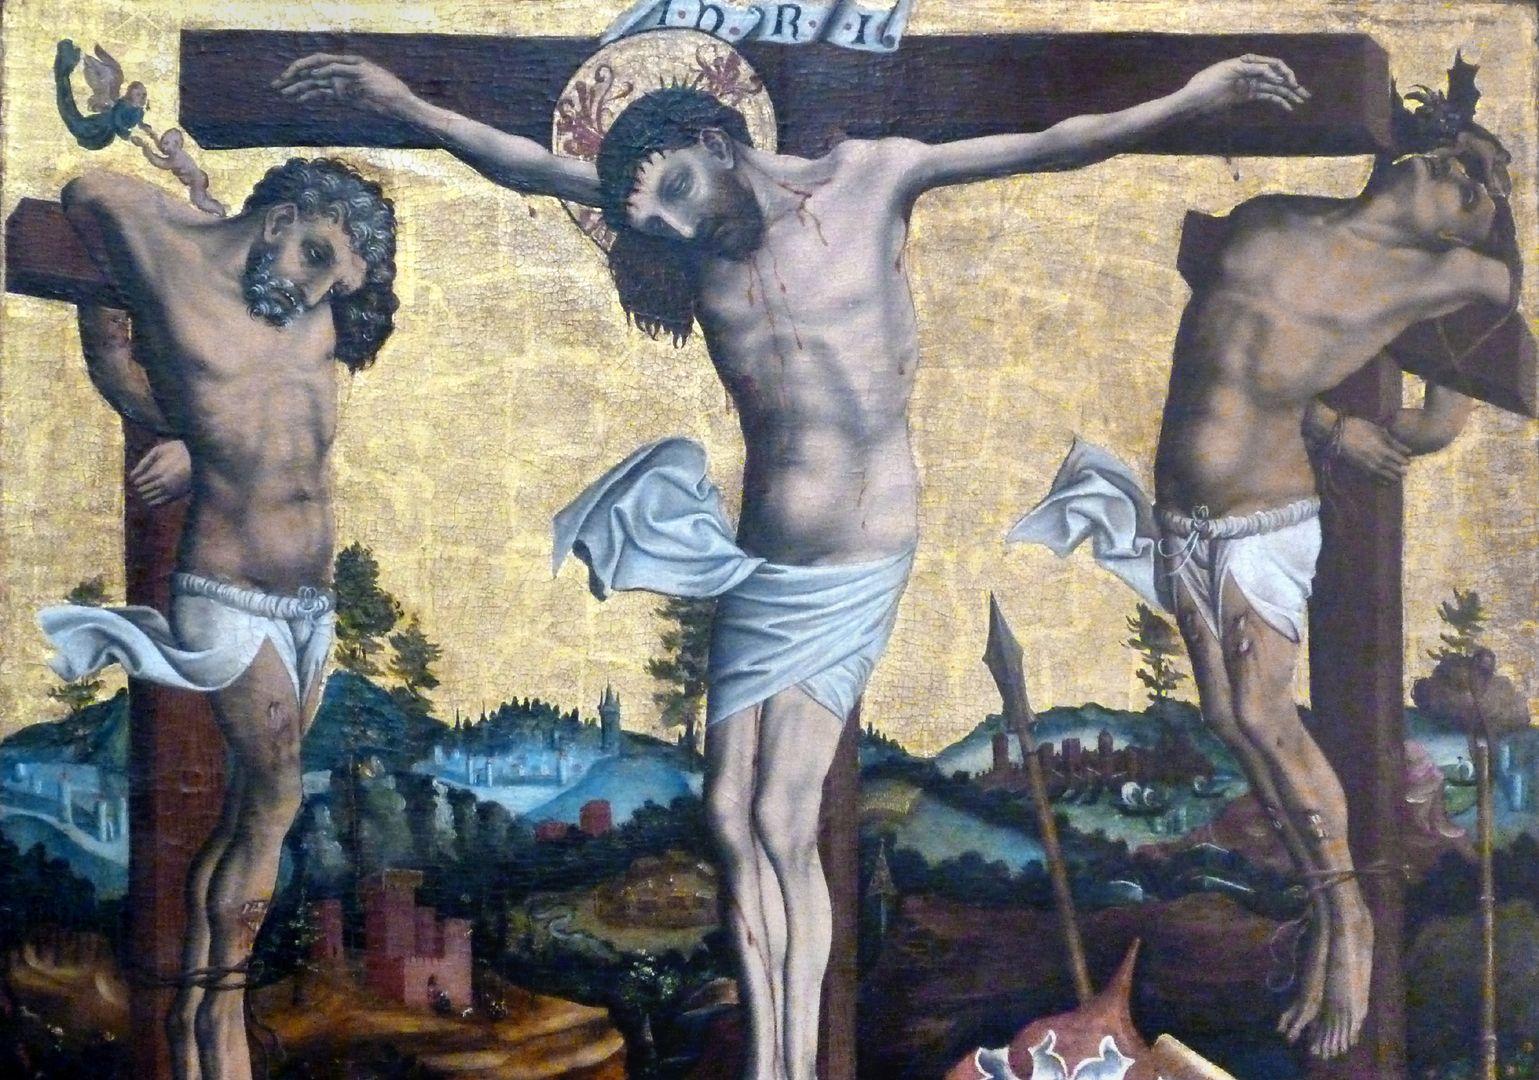 Passionsaltar der Johanniskirche Mitteltafel, Detail der Gekreuzigten im Moment deren Todes, man siehe die Seele des Guten und des bösen Schächers